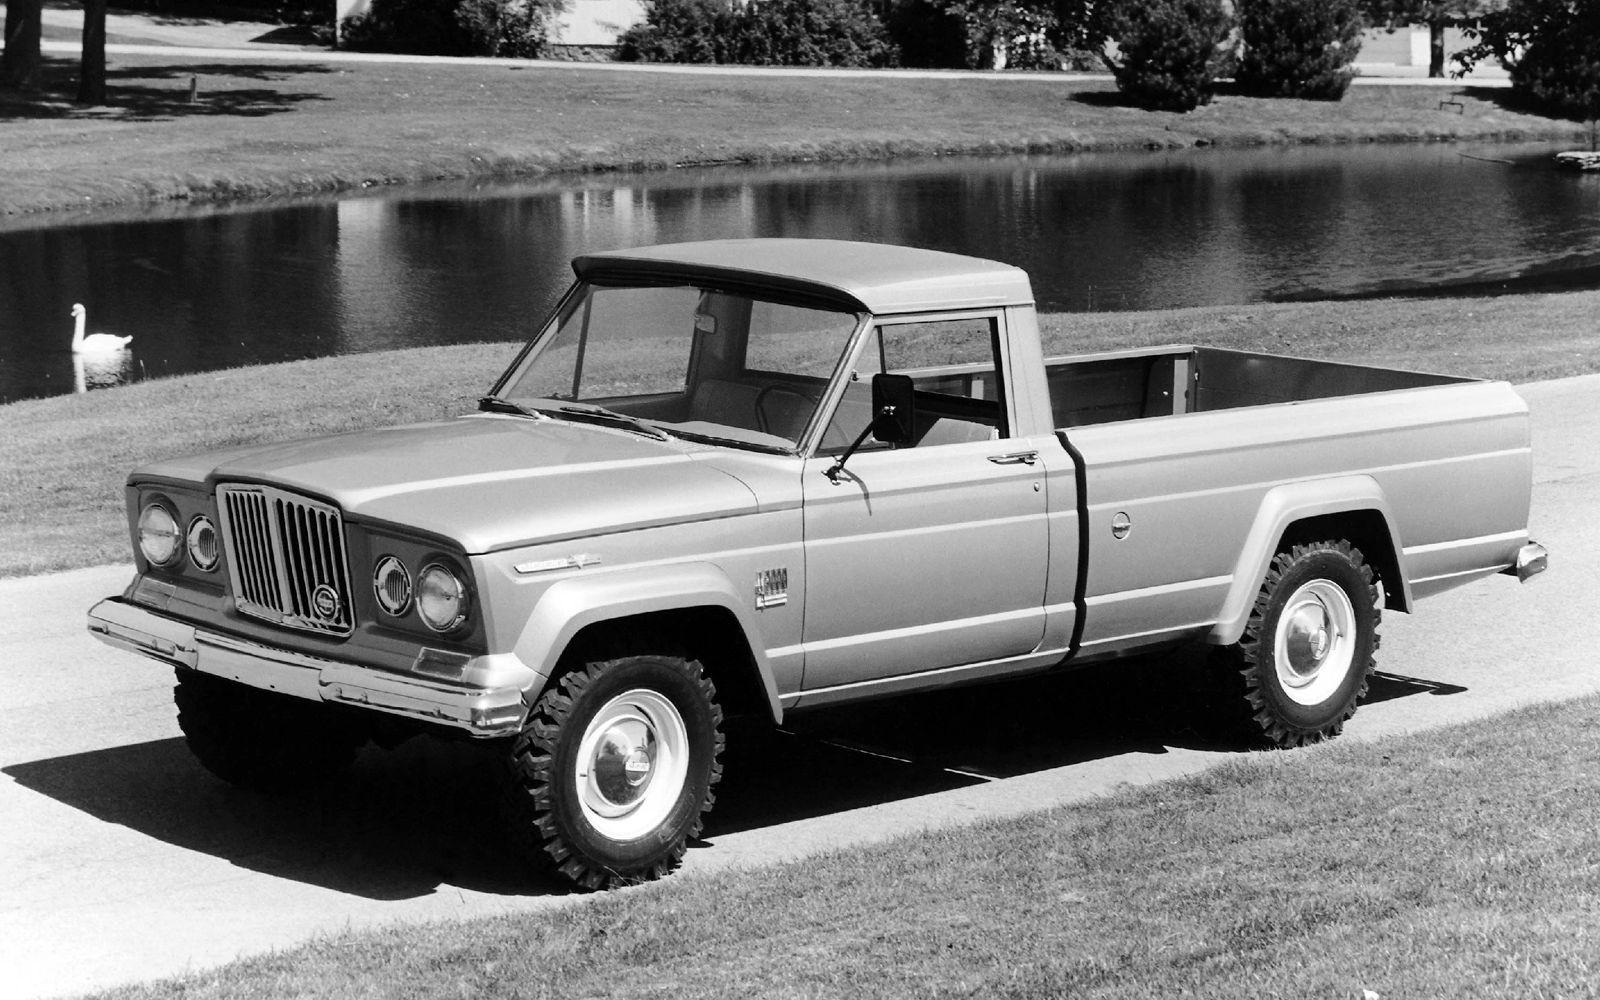 Jeep Gladiator первого поколения был разработан в начале 60-х годов прошлого века на базе внедорожника Wagoneer.